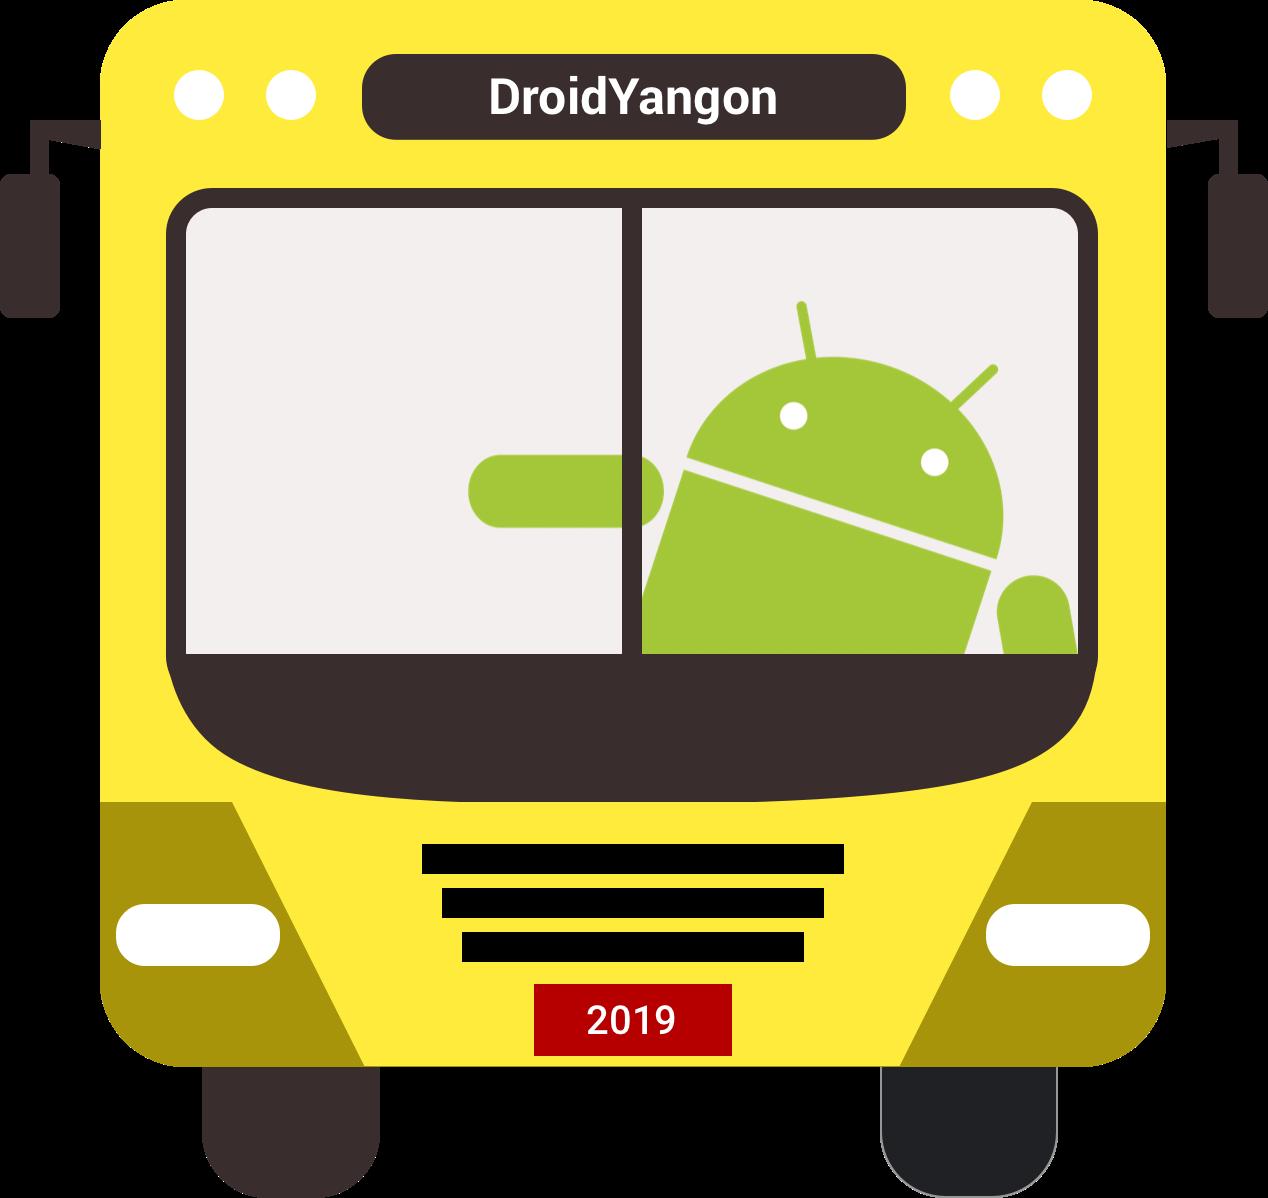 DroidYangon • July 9, 2019 • Yangon, Myanmar | DroidYangon